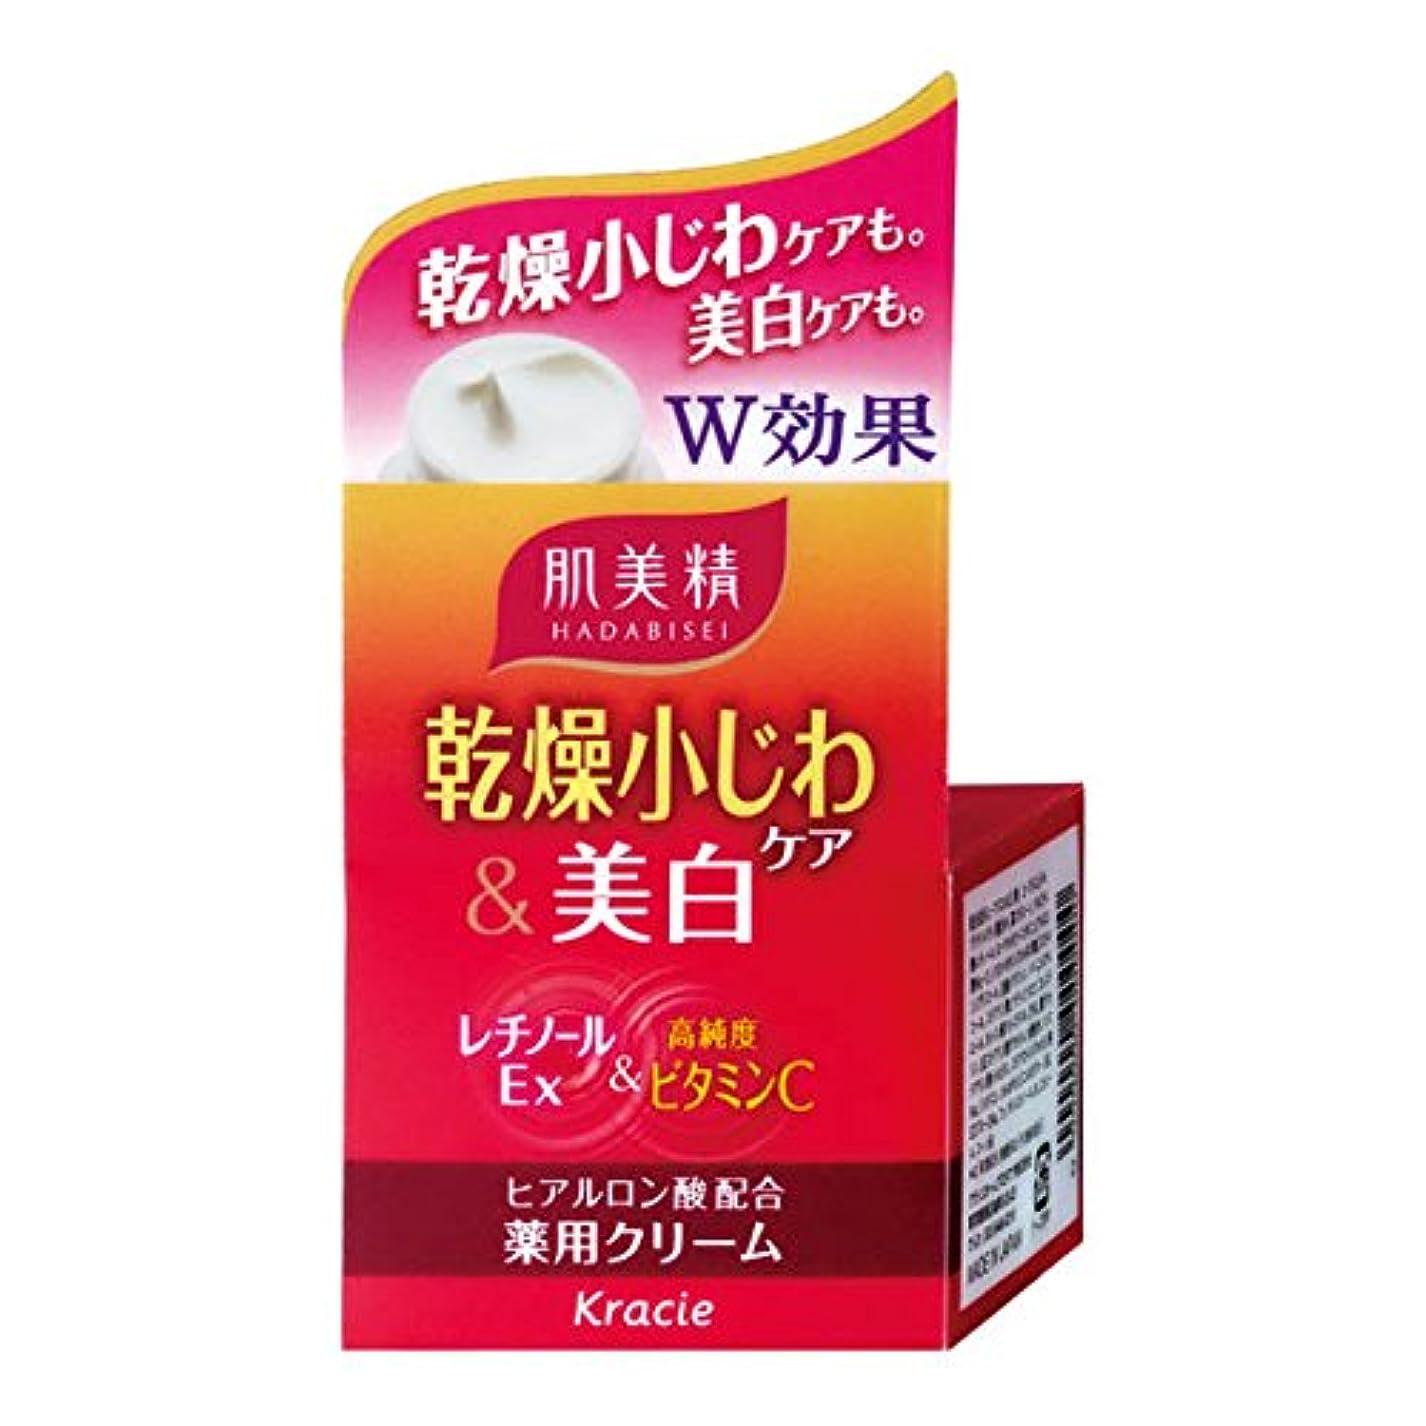 上院赤ちゃん土肌美精 乾燥小じわケア&美白 薬用クリーム 50g 【医薬部外品】